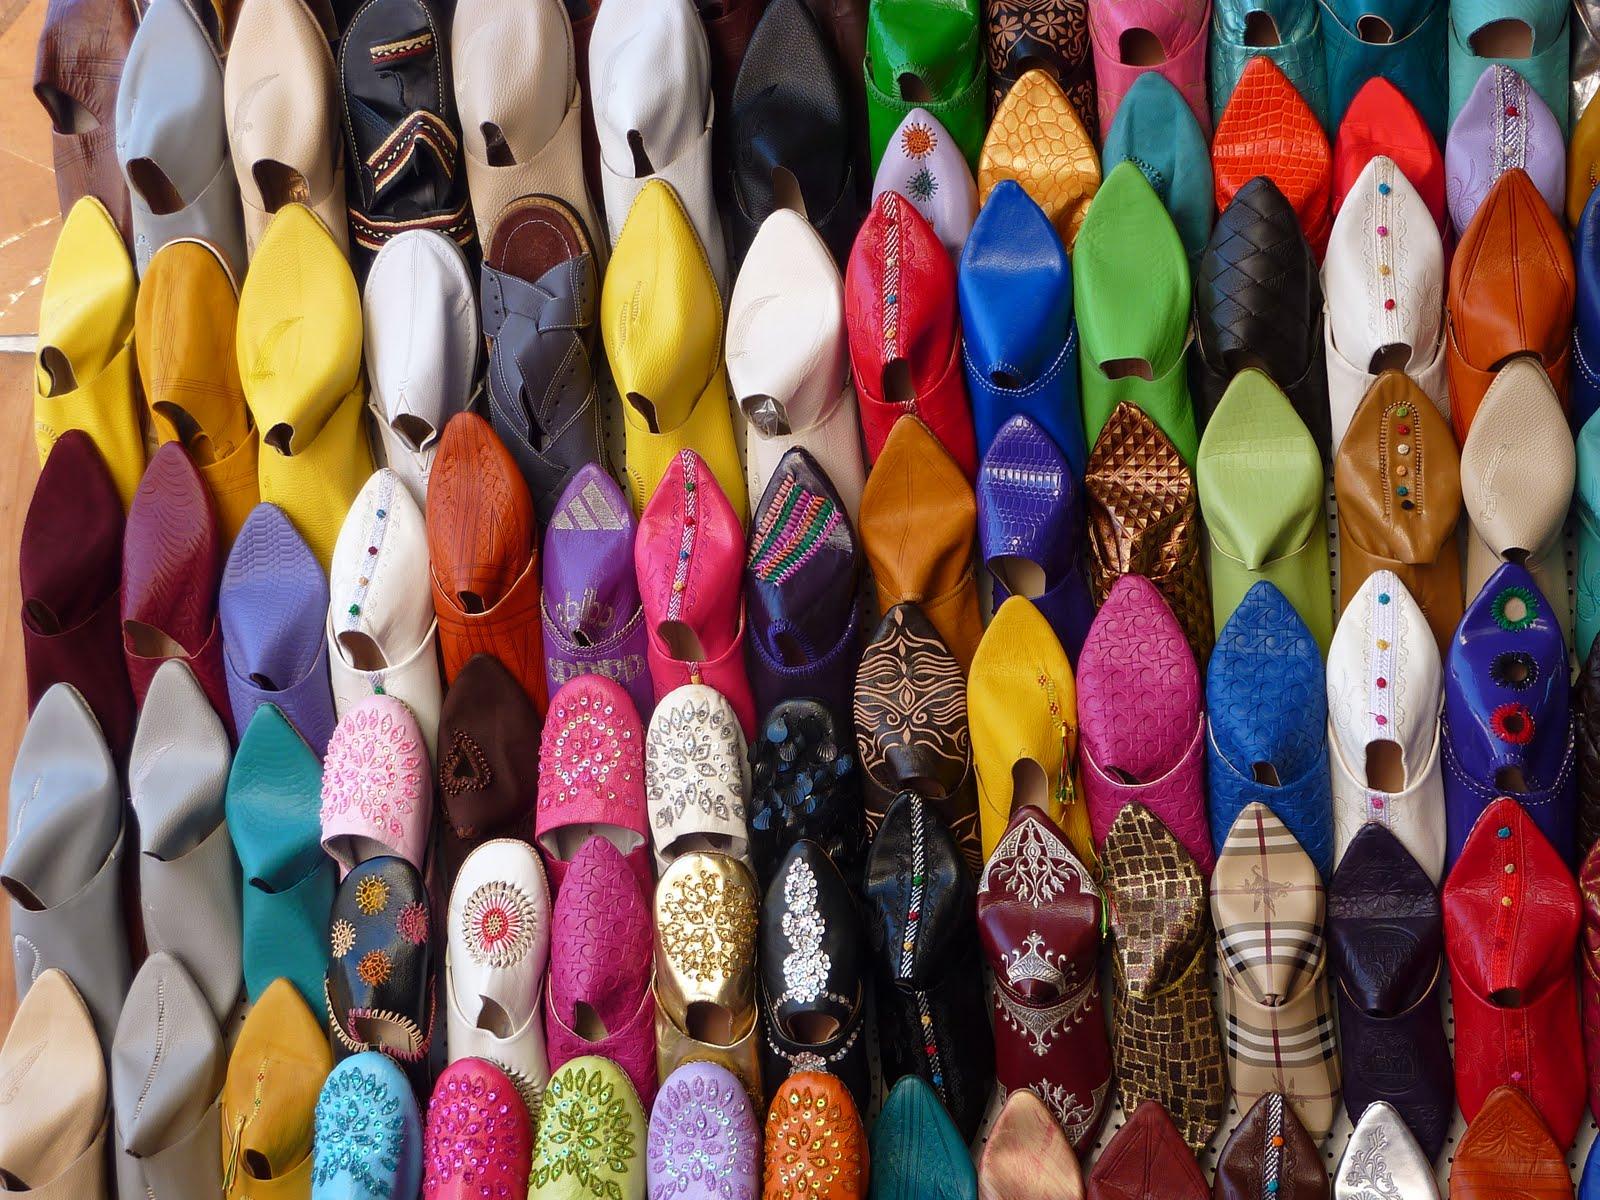 バブーシュとは元々、モロッコの伝統的な履物です